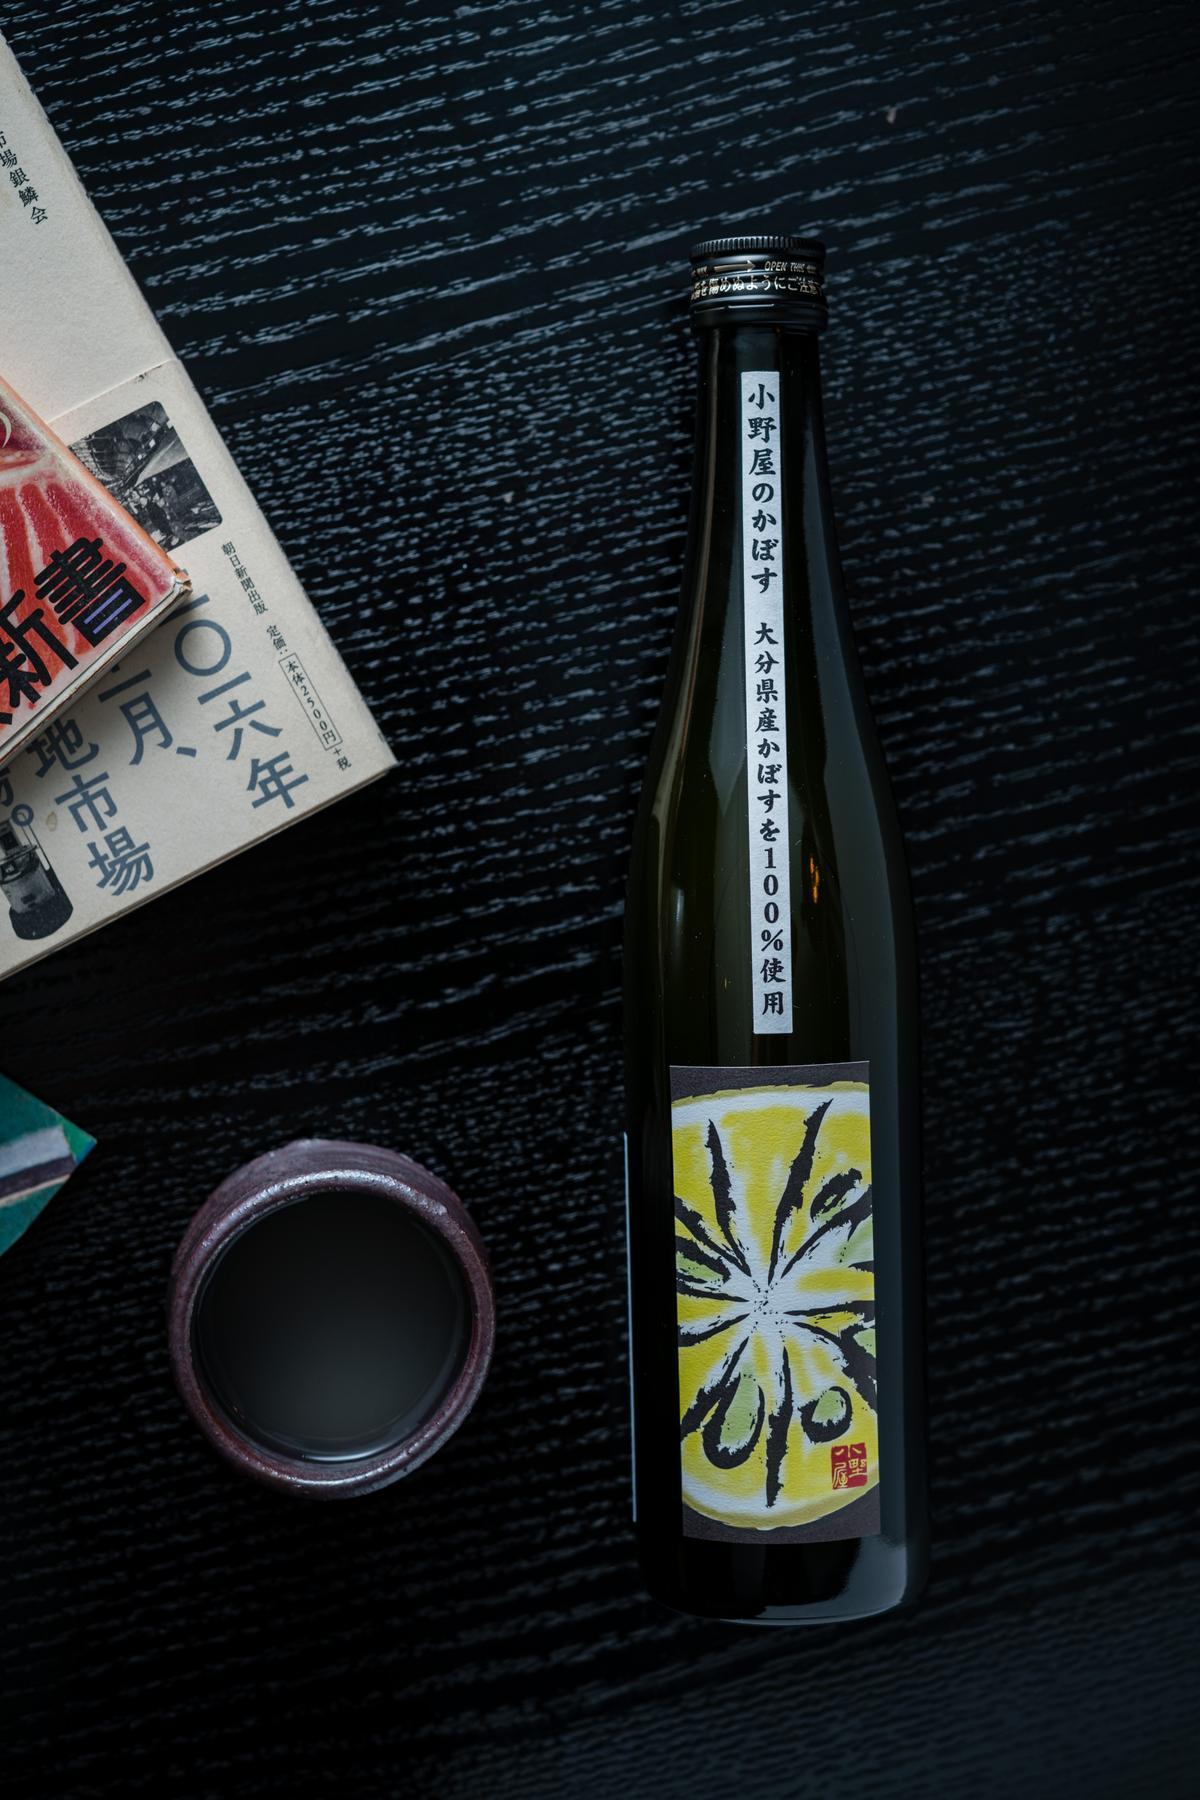 「小野屋臭橙酒」喝得到類似金桔的香氣,不會太甜膩,很適合搭餐。(800元/500ml)